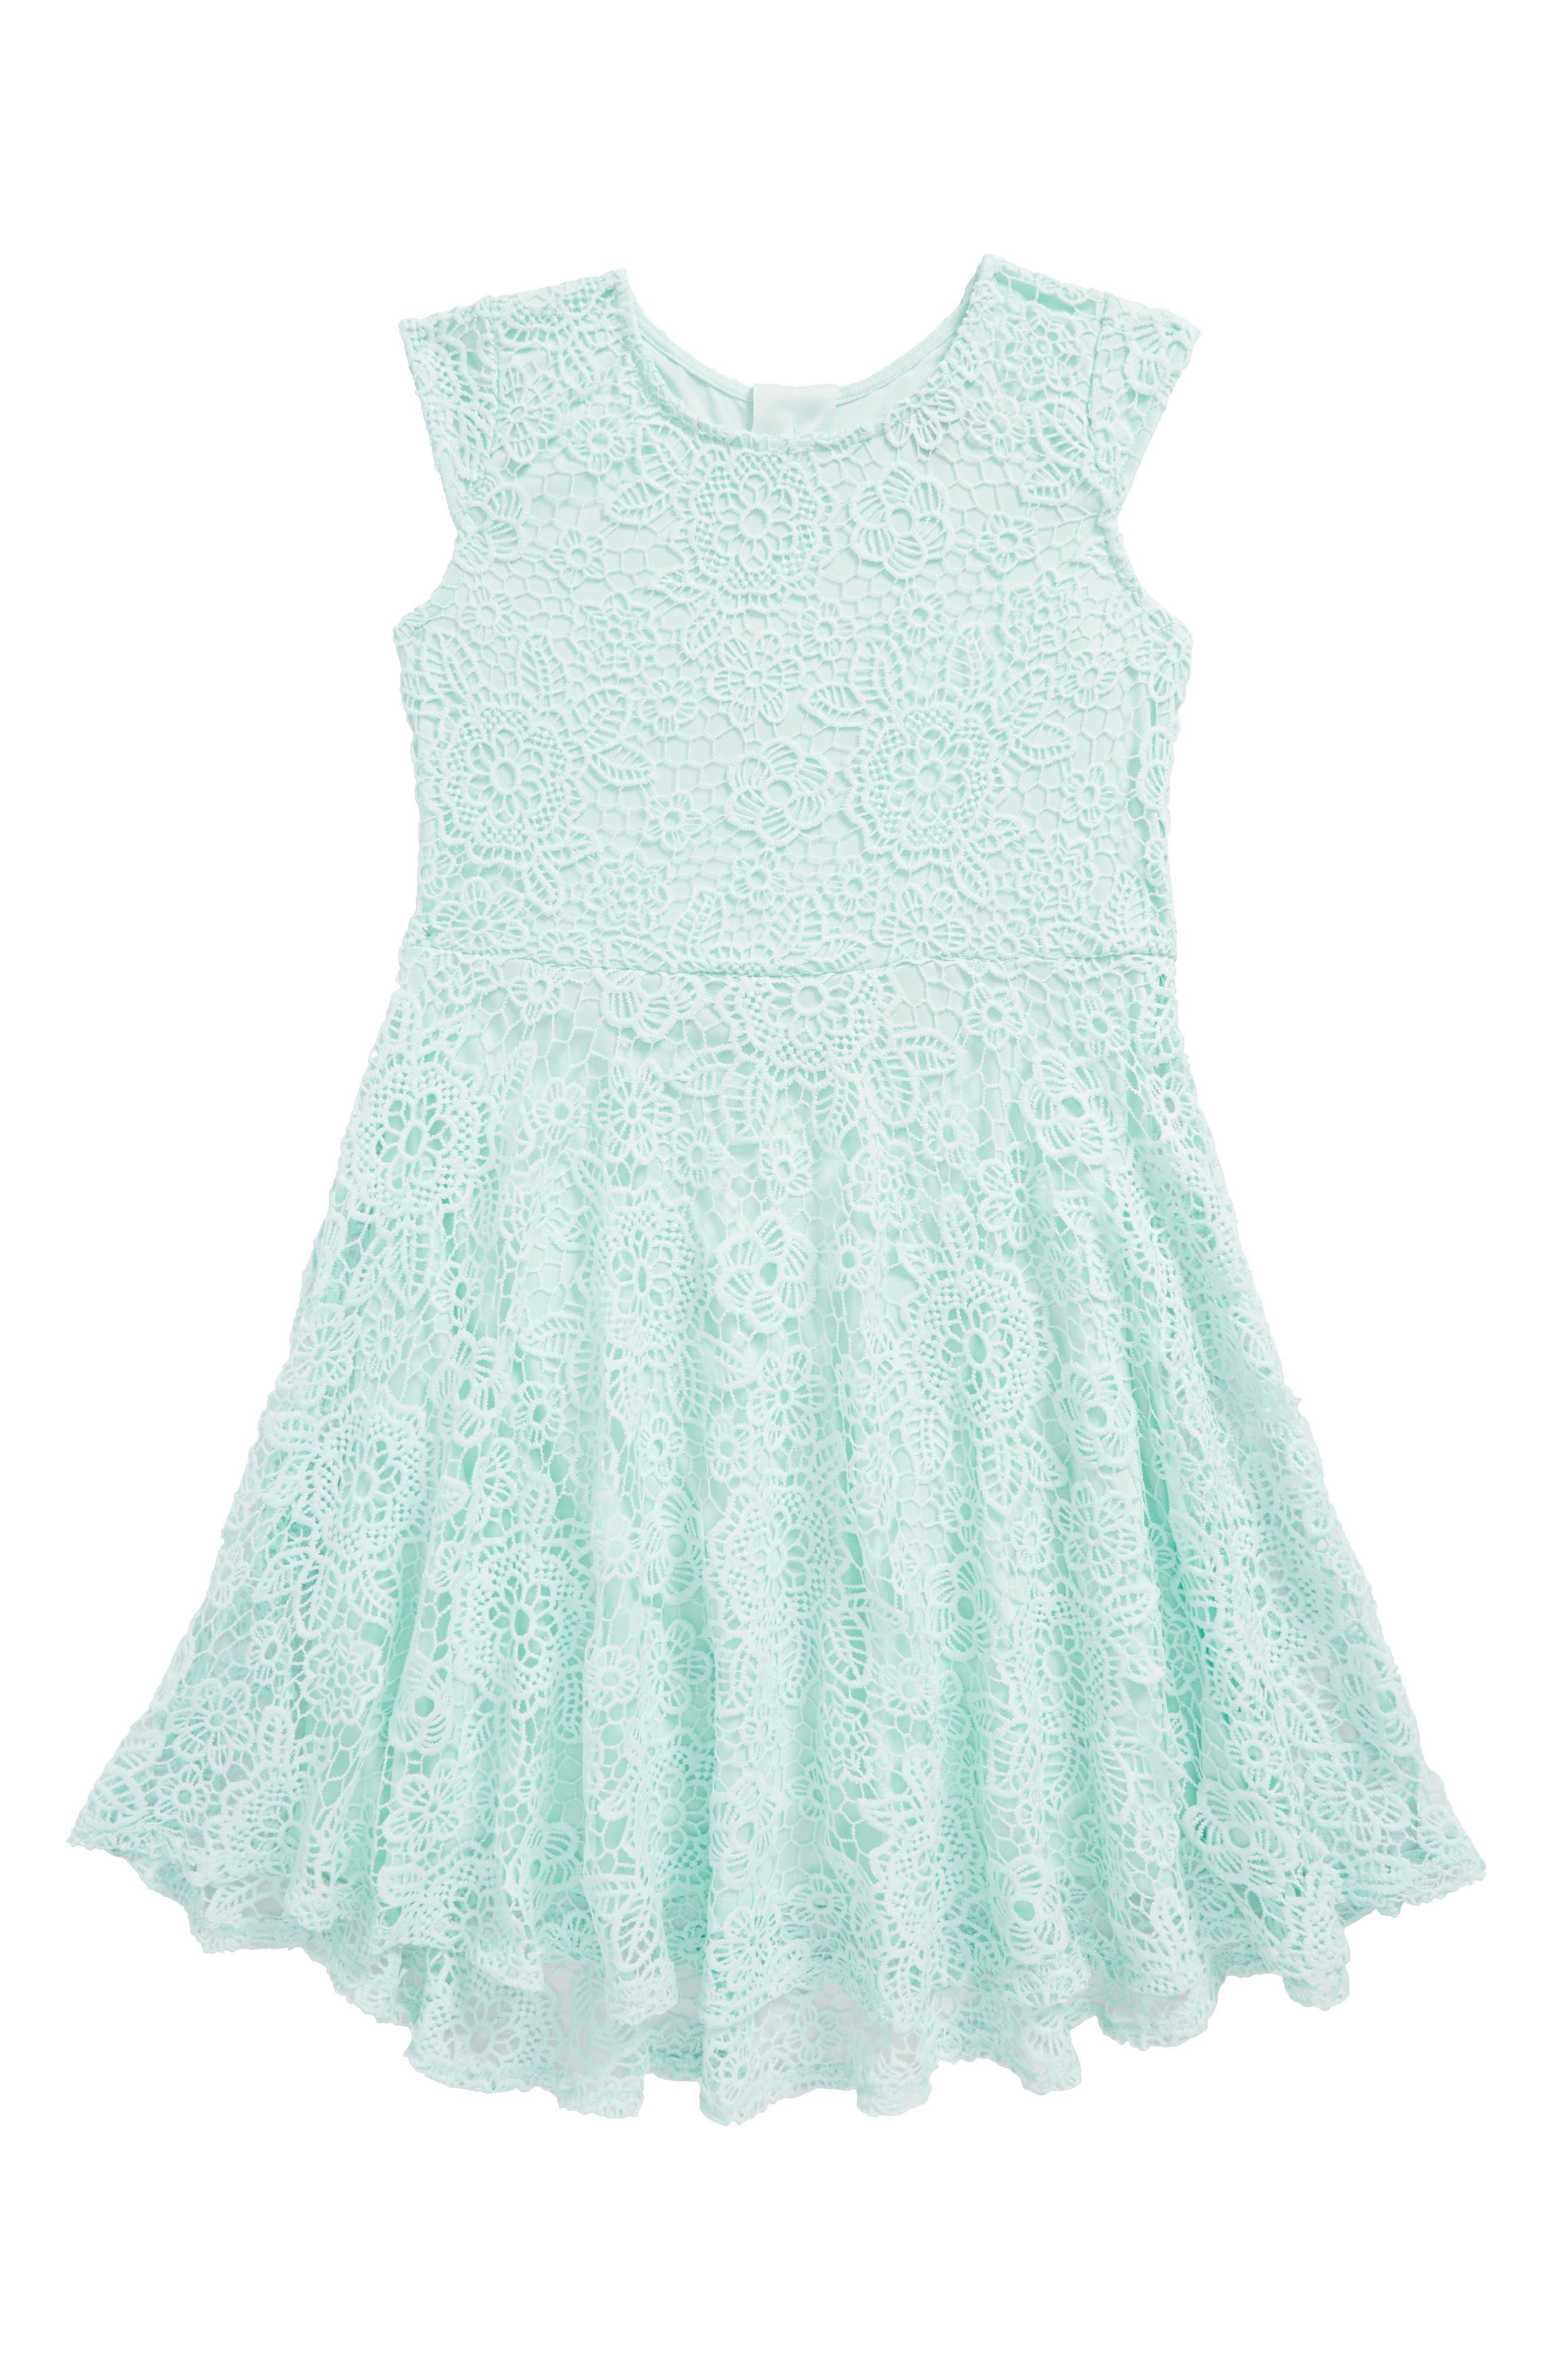 Crochet Skater Dress,                             Main thumbnail 1, color,                             331